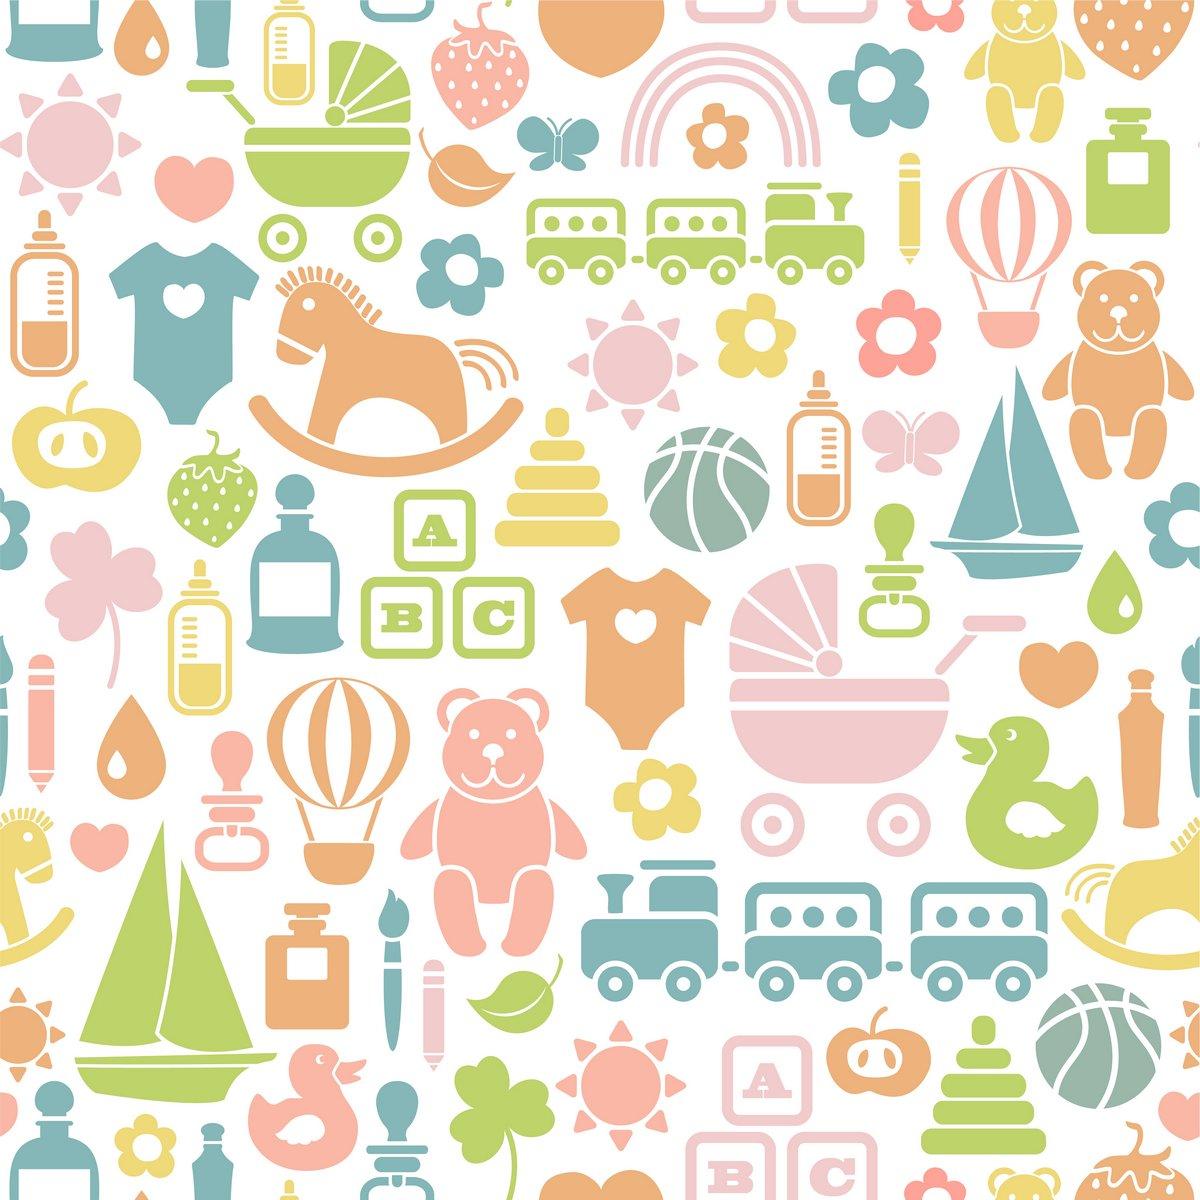 Постер Дизайнерские обои для детской Цельной картины с красочная детская иконыДизайнерские обои для детской<br>Постер на холсте или бумаге. Любого нужного вам размера. В раме или без. Подвес в комплекте. Трехслойная надежная упаковка. Доставим в любую точку России. Вам осталось только повесить картину на стену!<br>